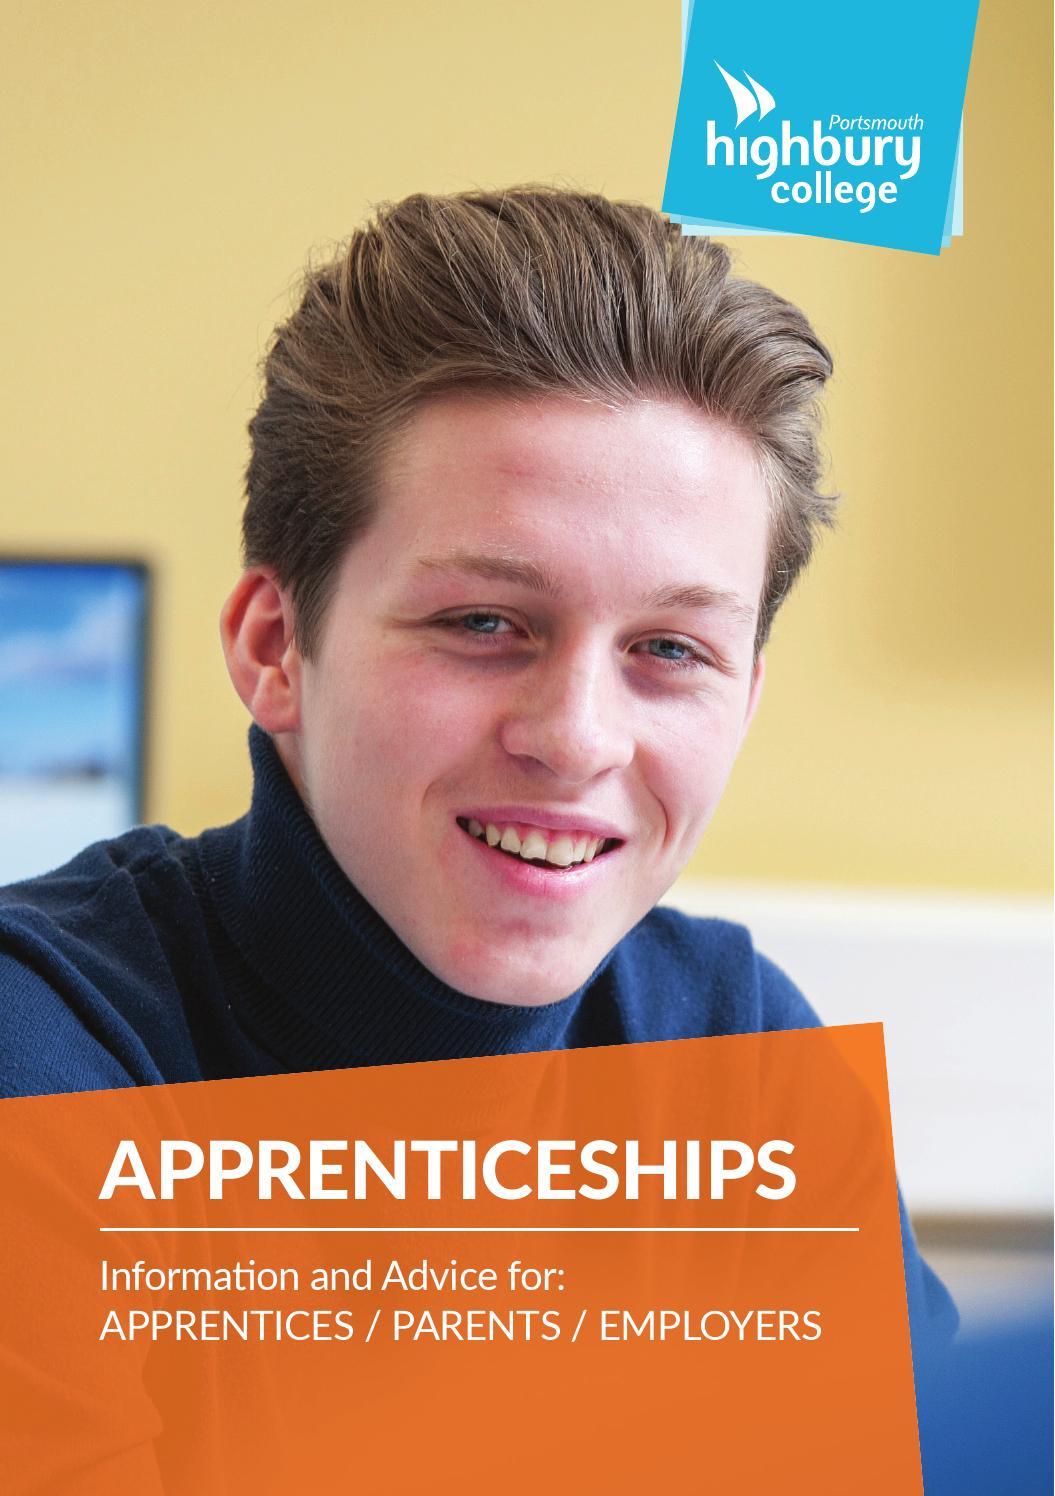 Highbury college apprenticeships brochure march 2016 by highbury highbury college apprenticeships brochure march 2016 by highbury college issuu dailygadgetfo Images